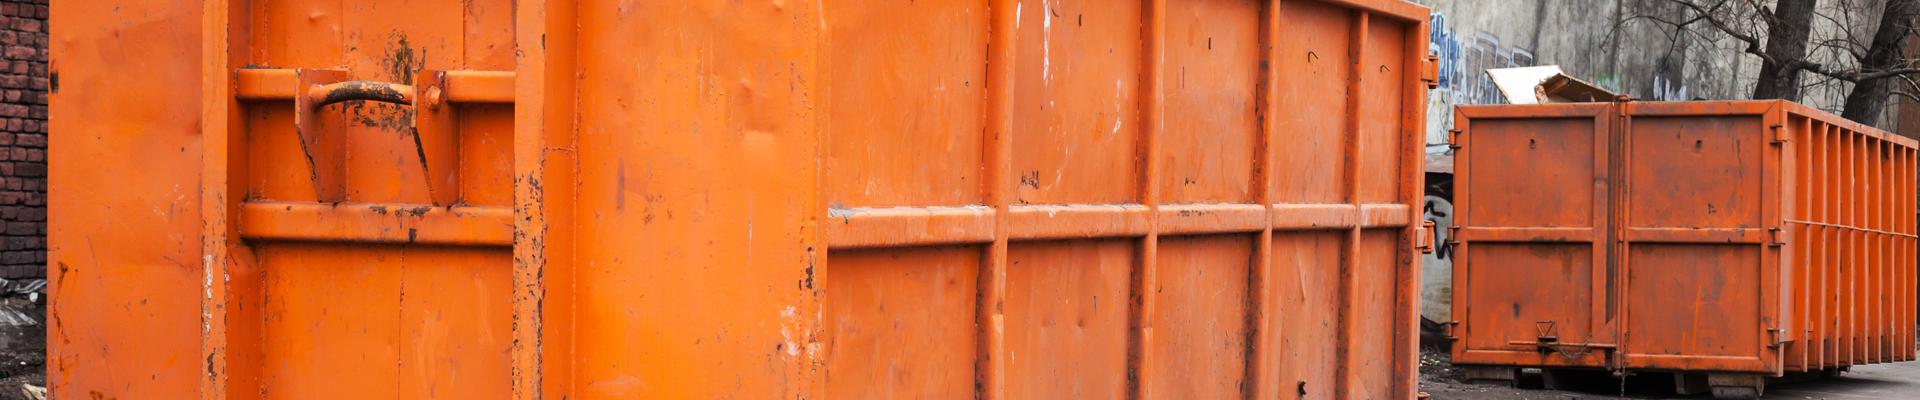 Dumpster_Rental_3.png